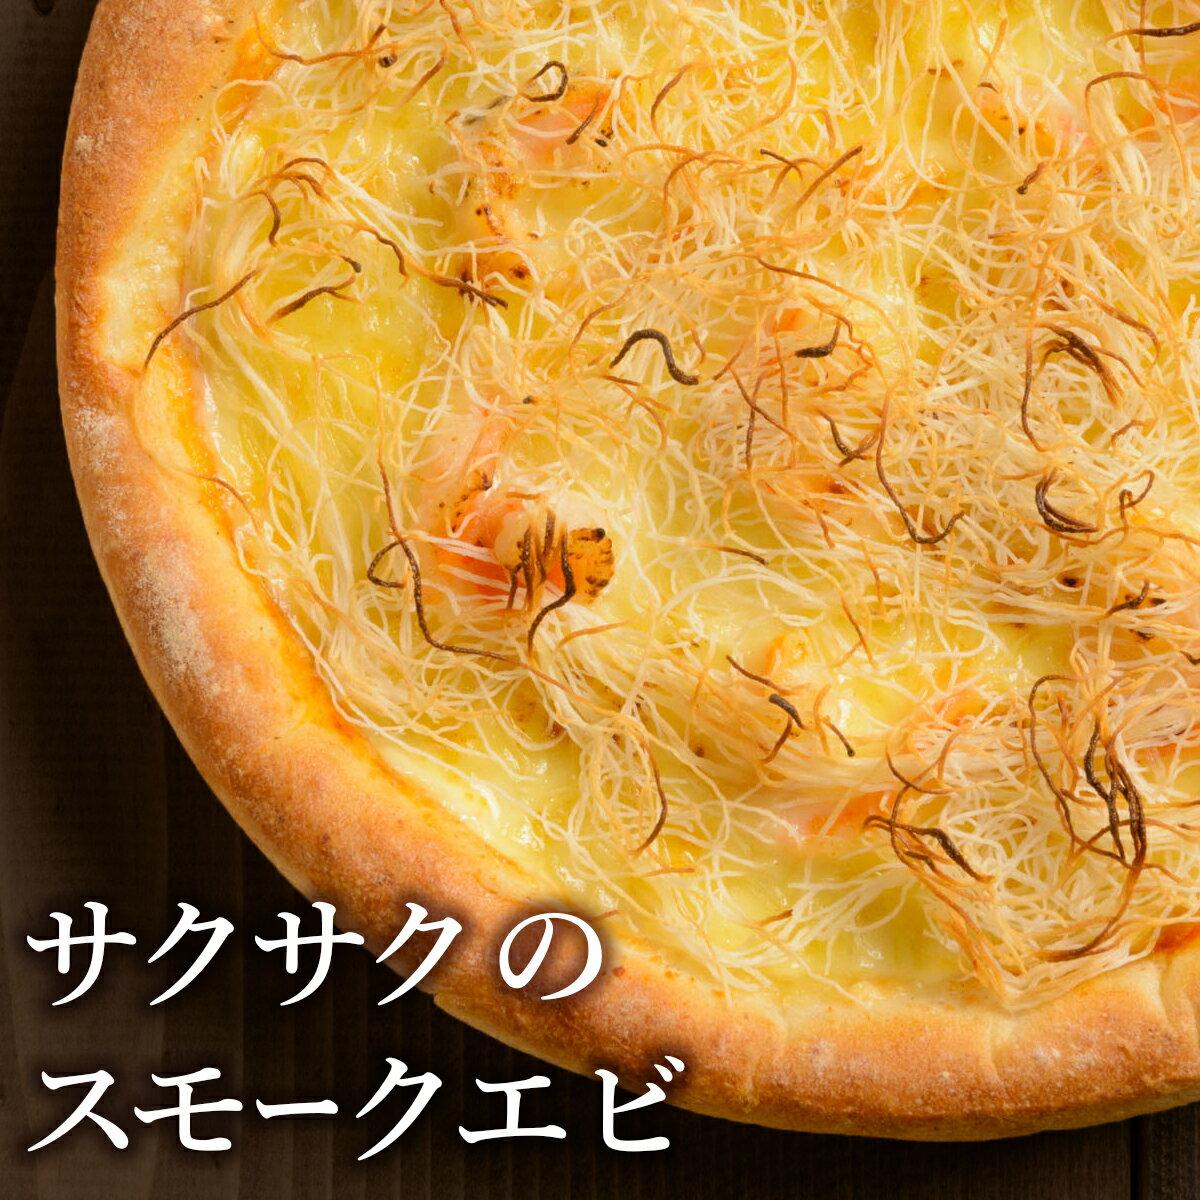 ピザ冷凍 / スモークエビのサクサクッピザ(極細のサクサク生地がのった新食感ピザ)/ さっぱりチーズ・ライ麦全粒粉ブレンド生地・直径役20cm